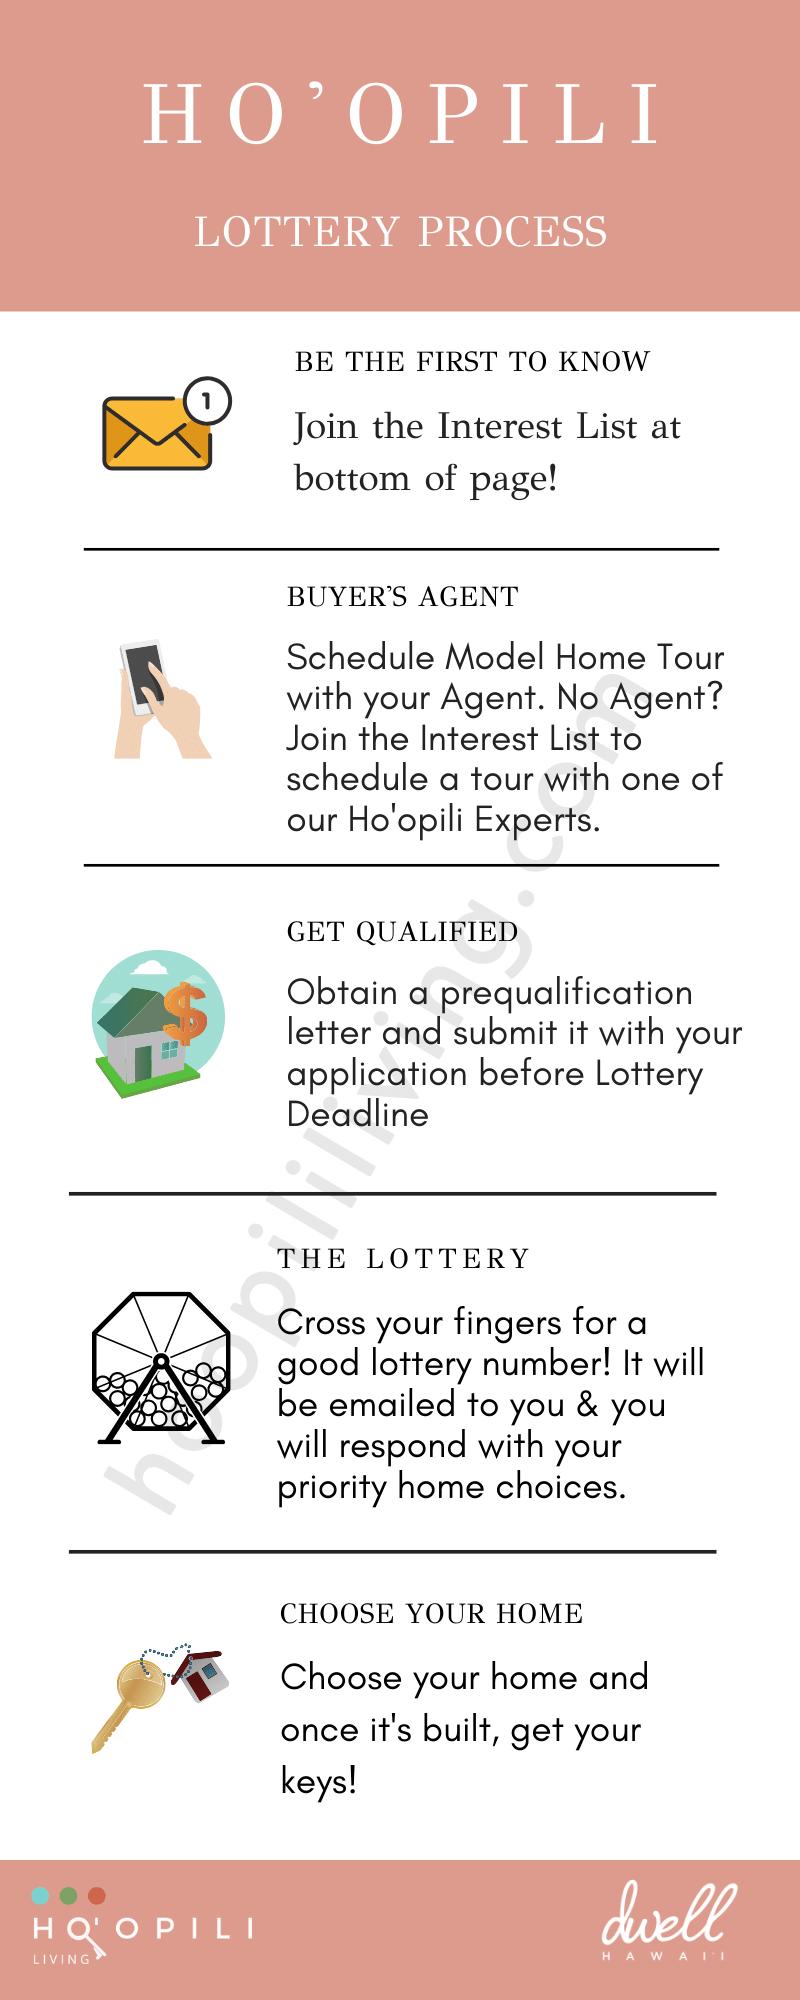 hoopili lottery process